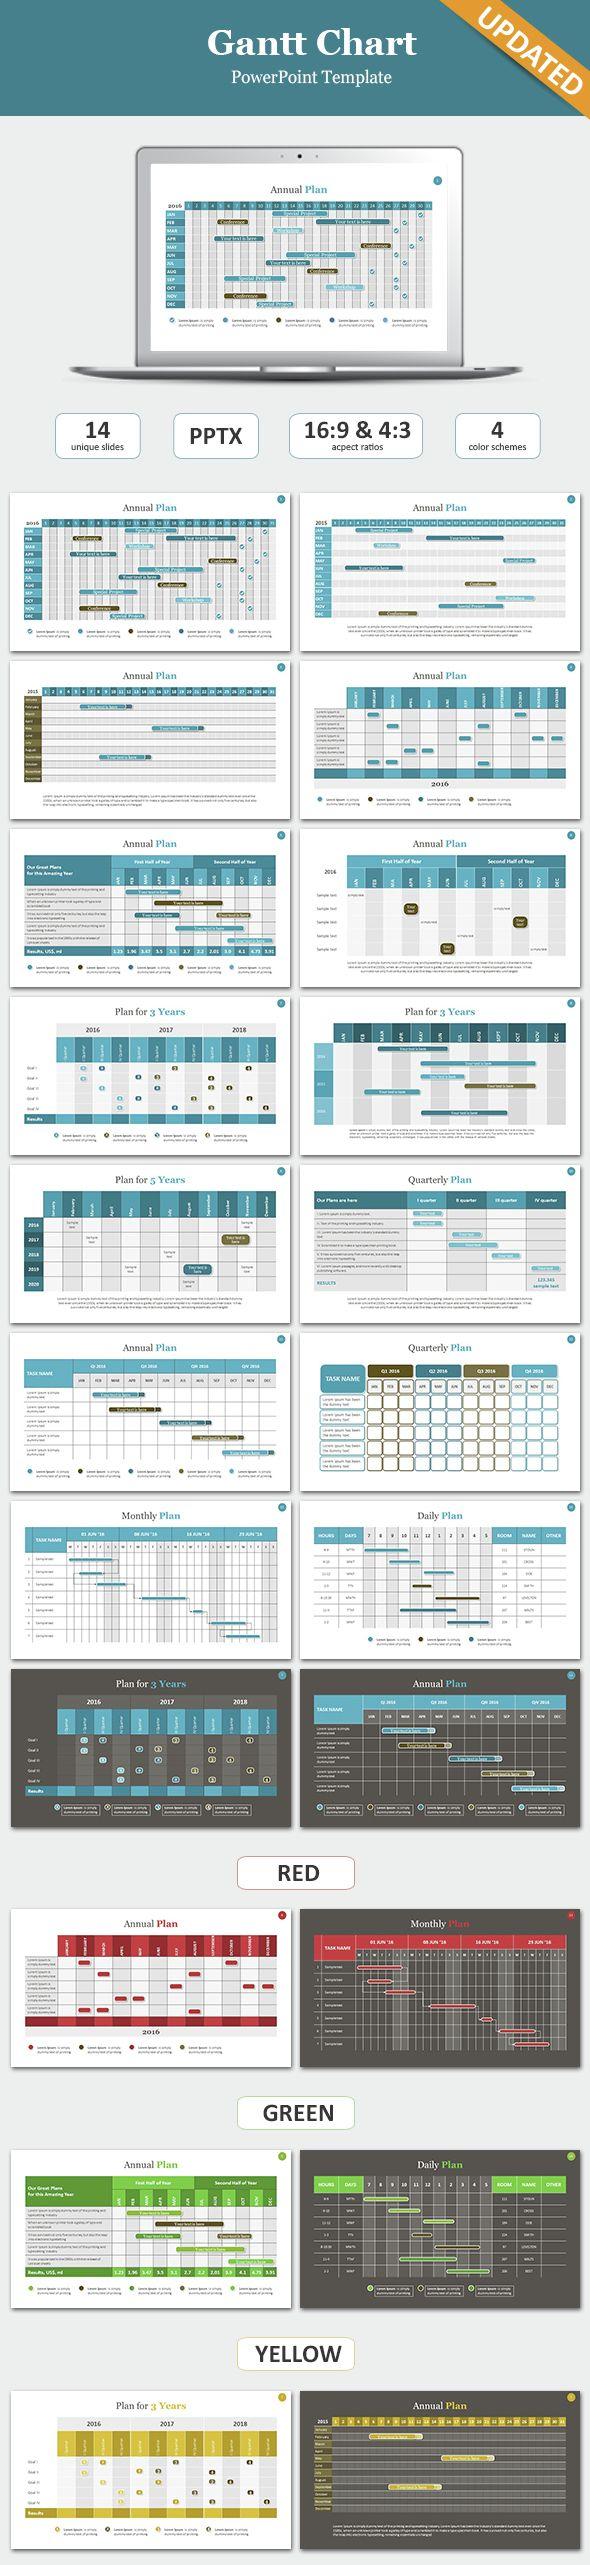 Gantt Chart PowerPoint Template Presentation Templates Chart And - Unique gantt chart ppt template design